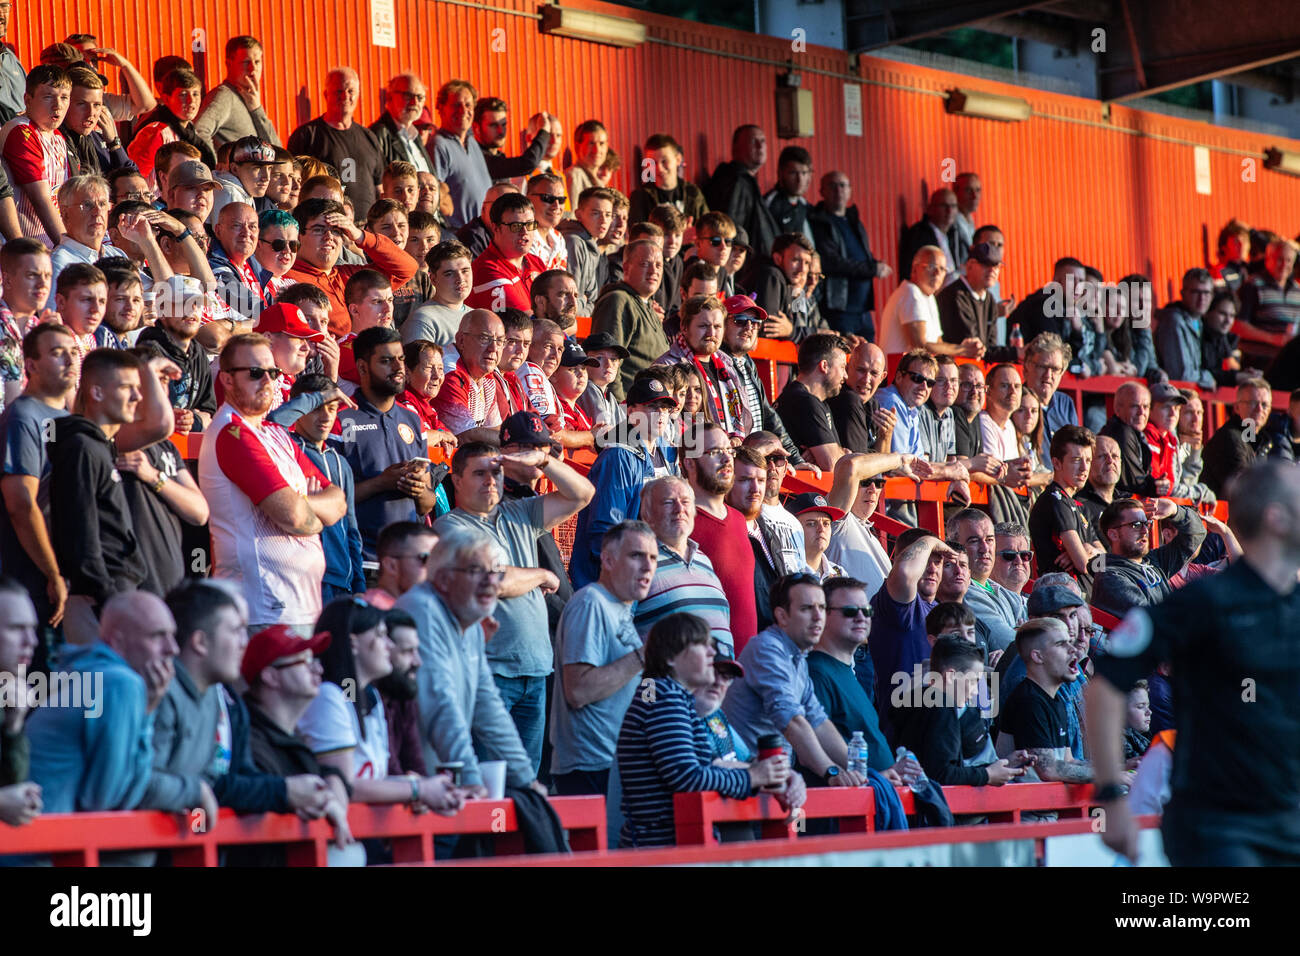 Gran Grupo De Fútbol Fútbol Y Espectadores Viendo Partido